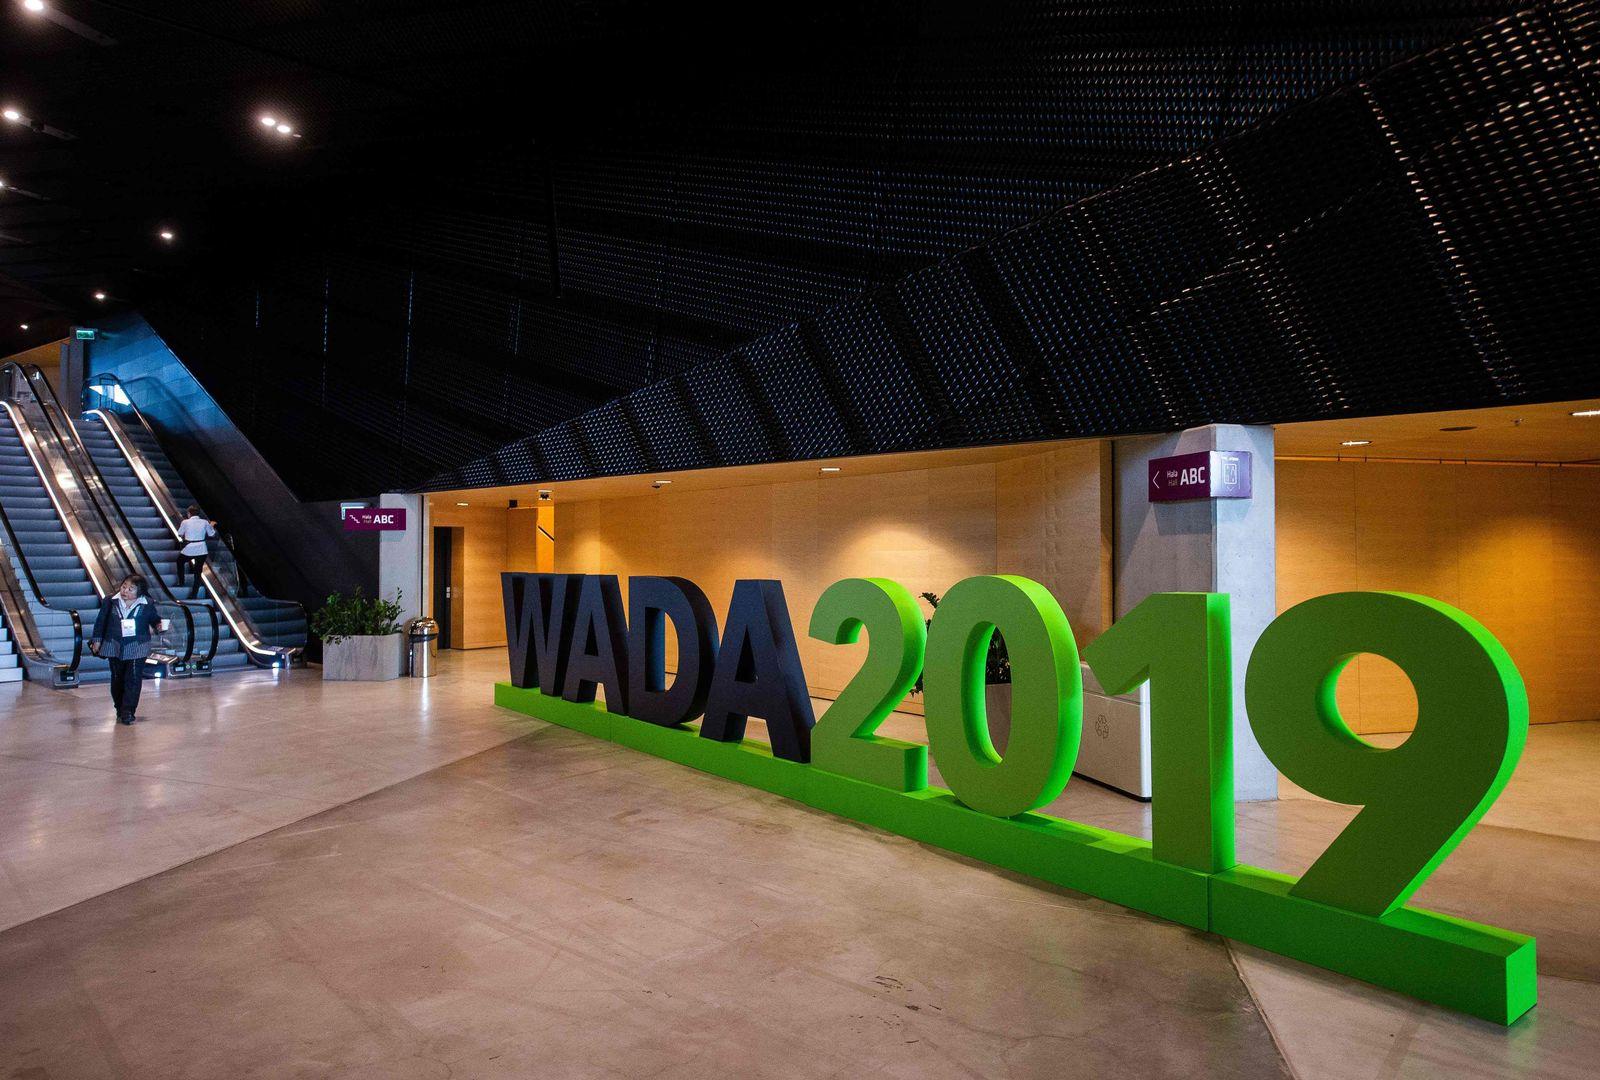 Wada 2019